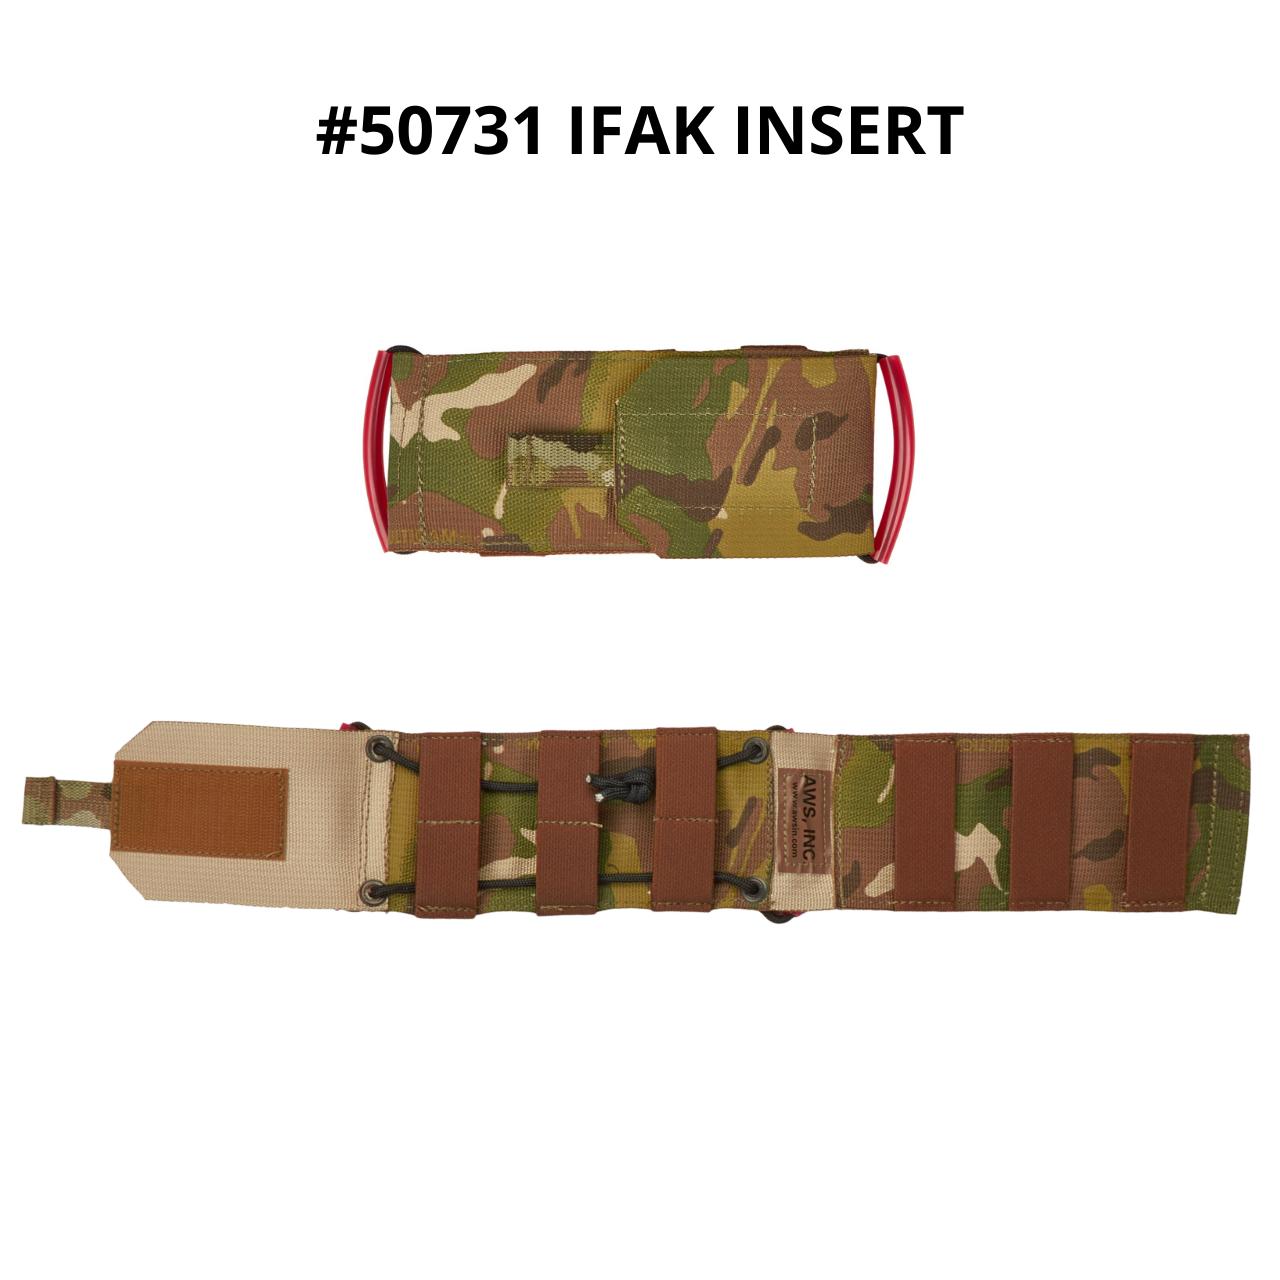 50731 ifak insert